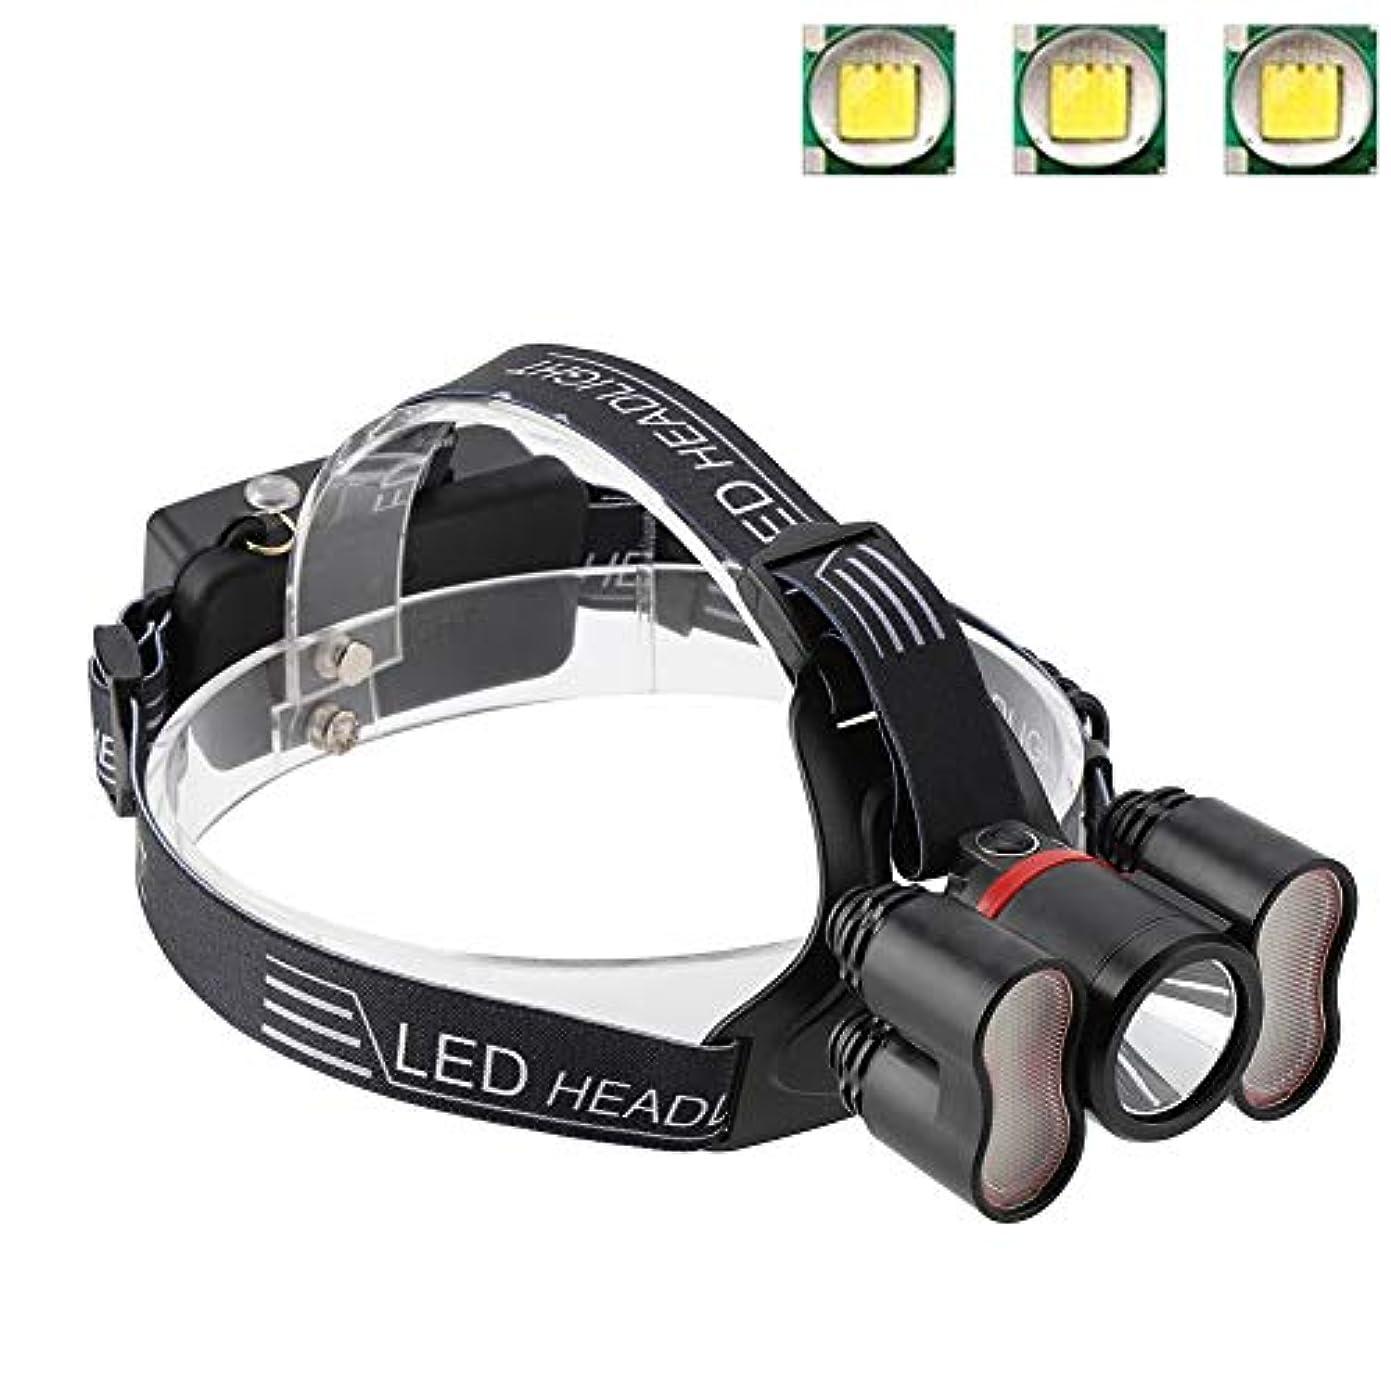 モルヒネ換気今後ヘッドライト懐中電灯、2000LMヘッドライト18650 LED USB充電式防水トラベルヘッドトーチキャンプランプランニングハイキング釣りに適して(#1)